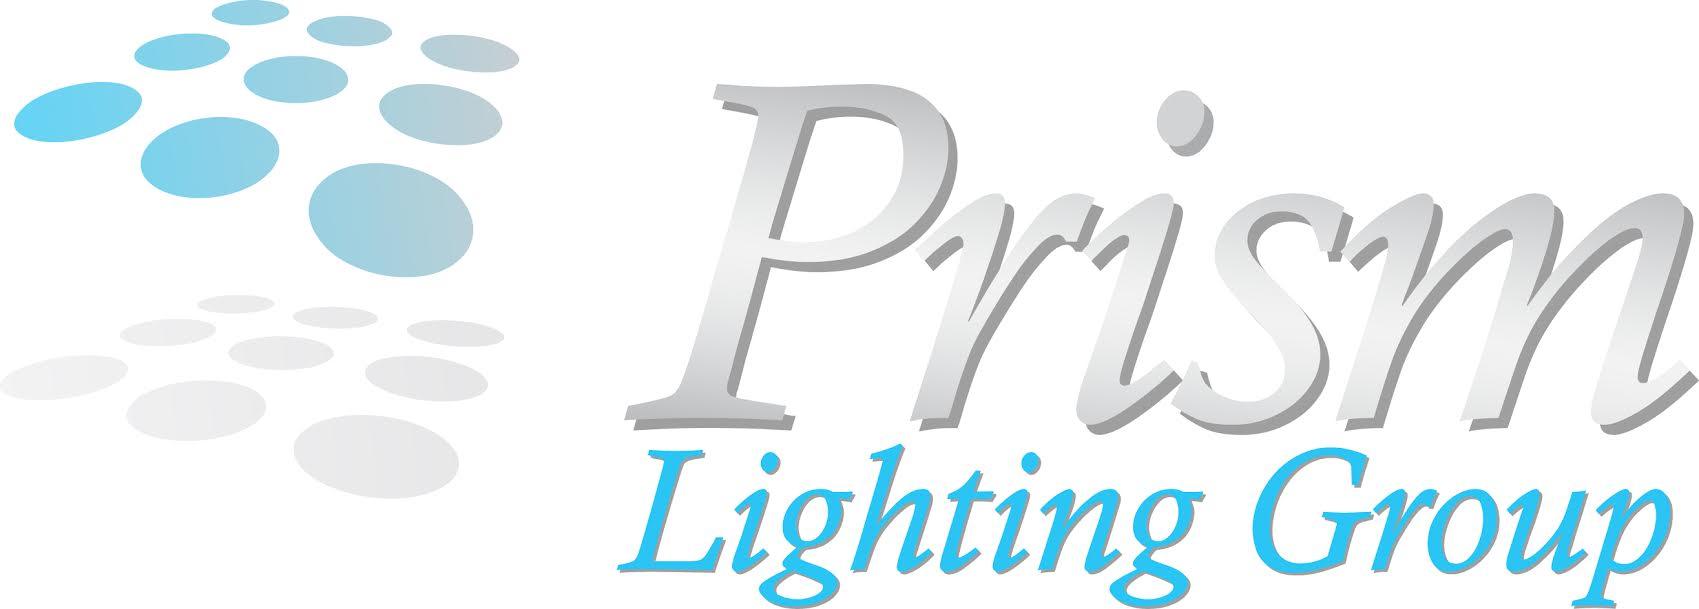 Prism Lighing Group.jpg